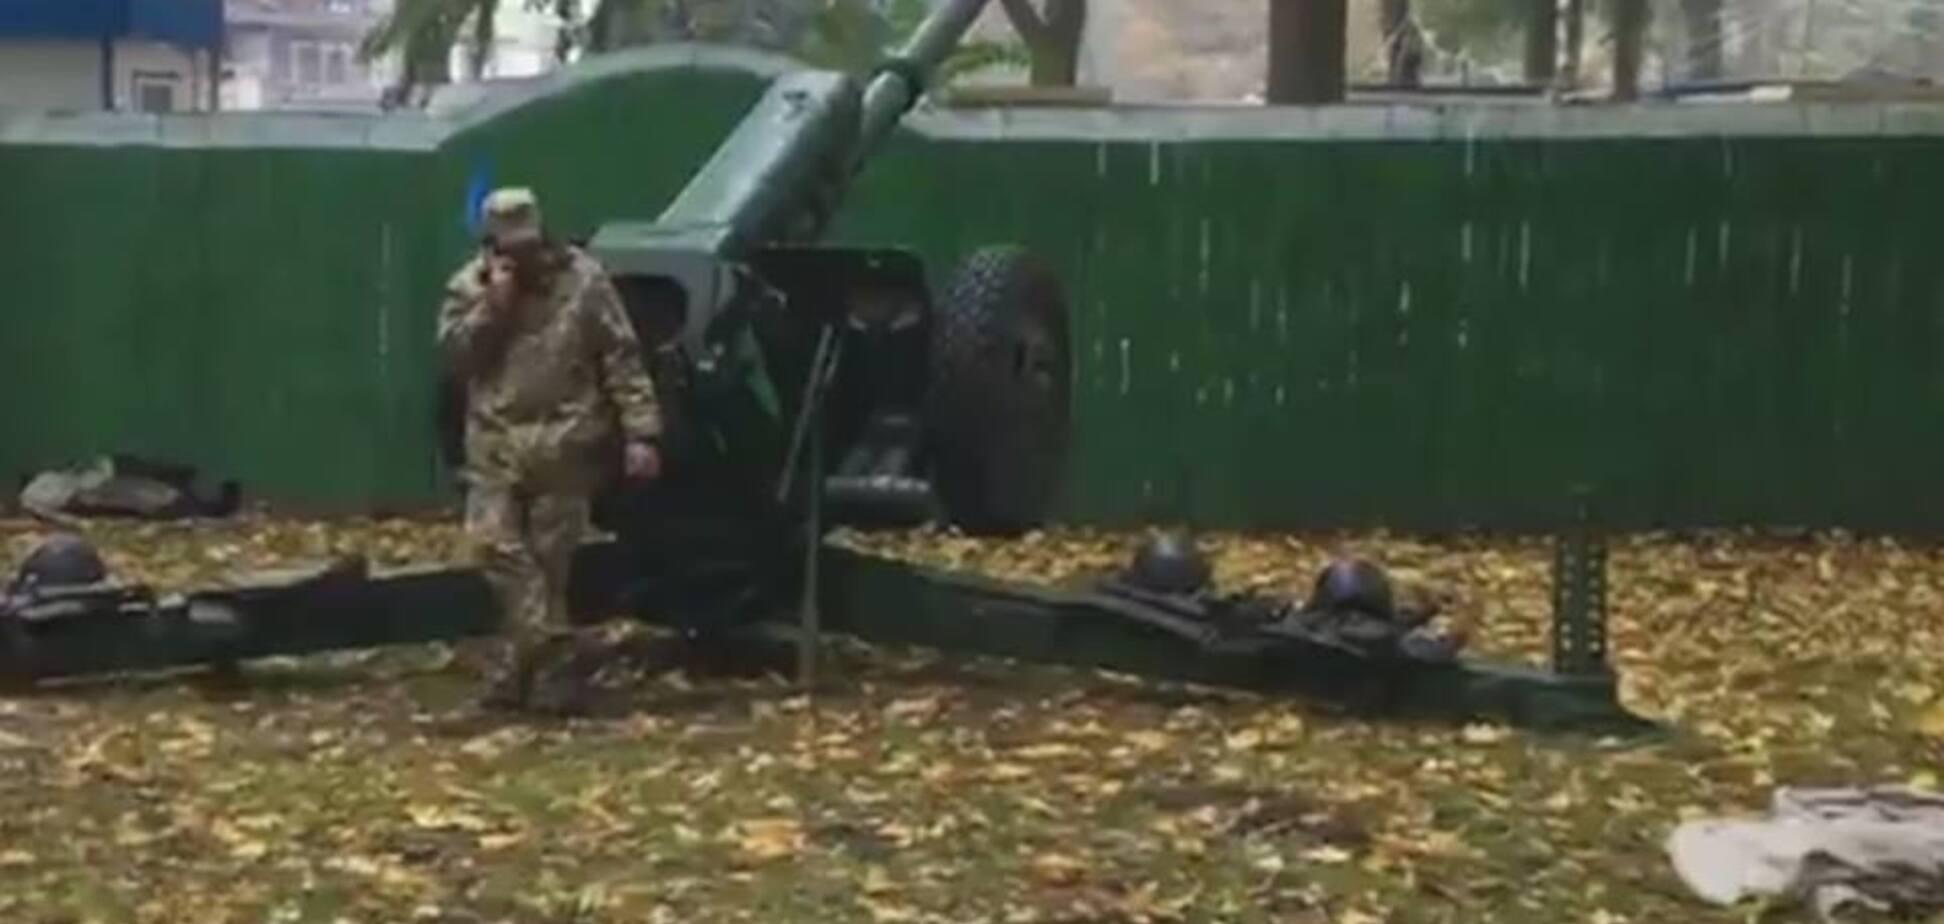 Киевляне встревожились из-за пушек под Верховной Радой: фотофакт